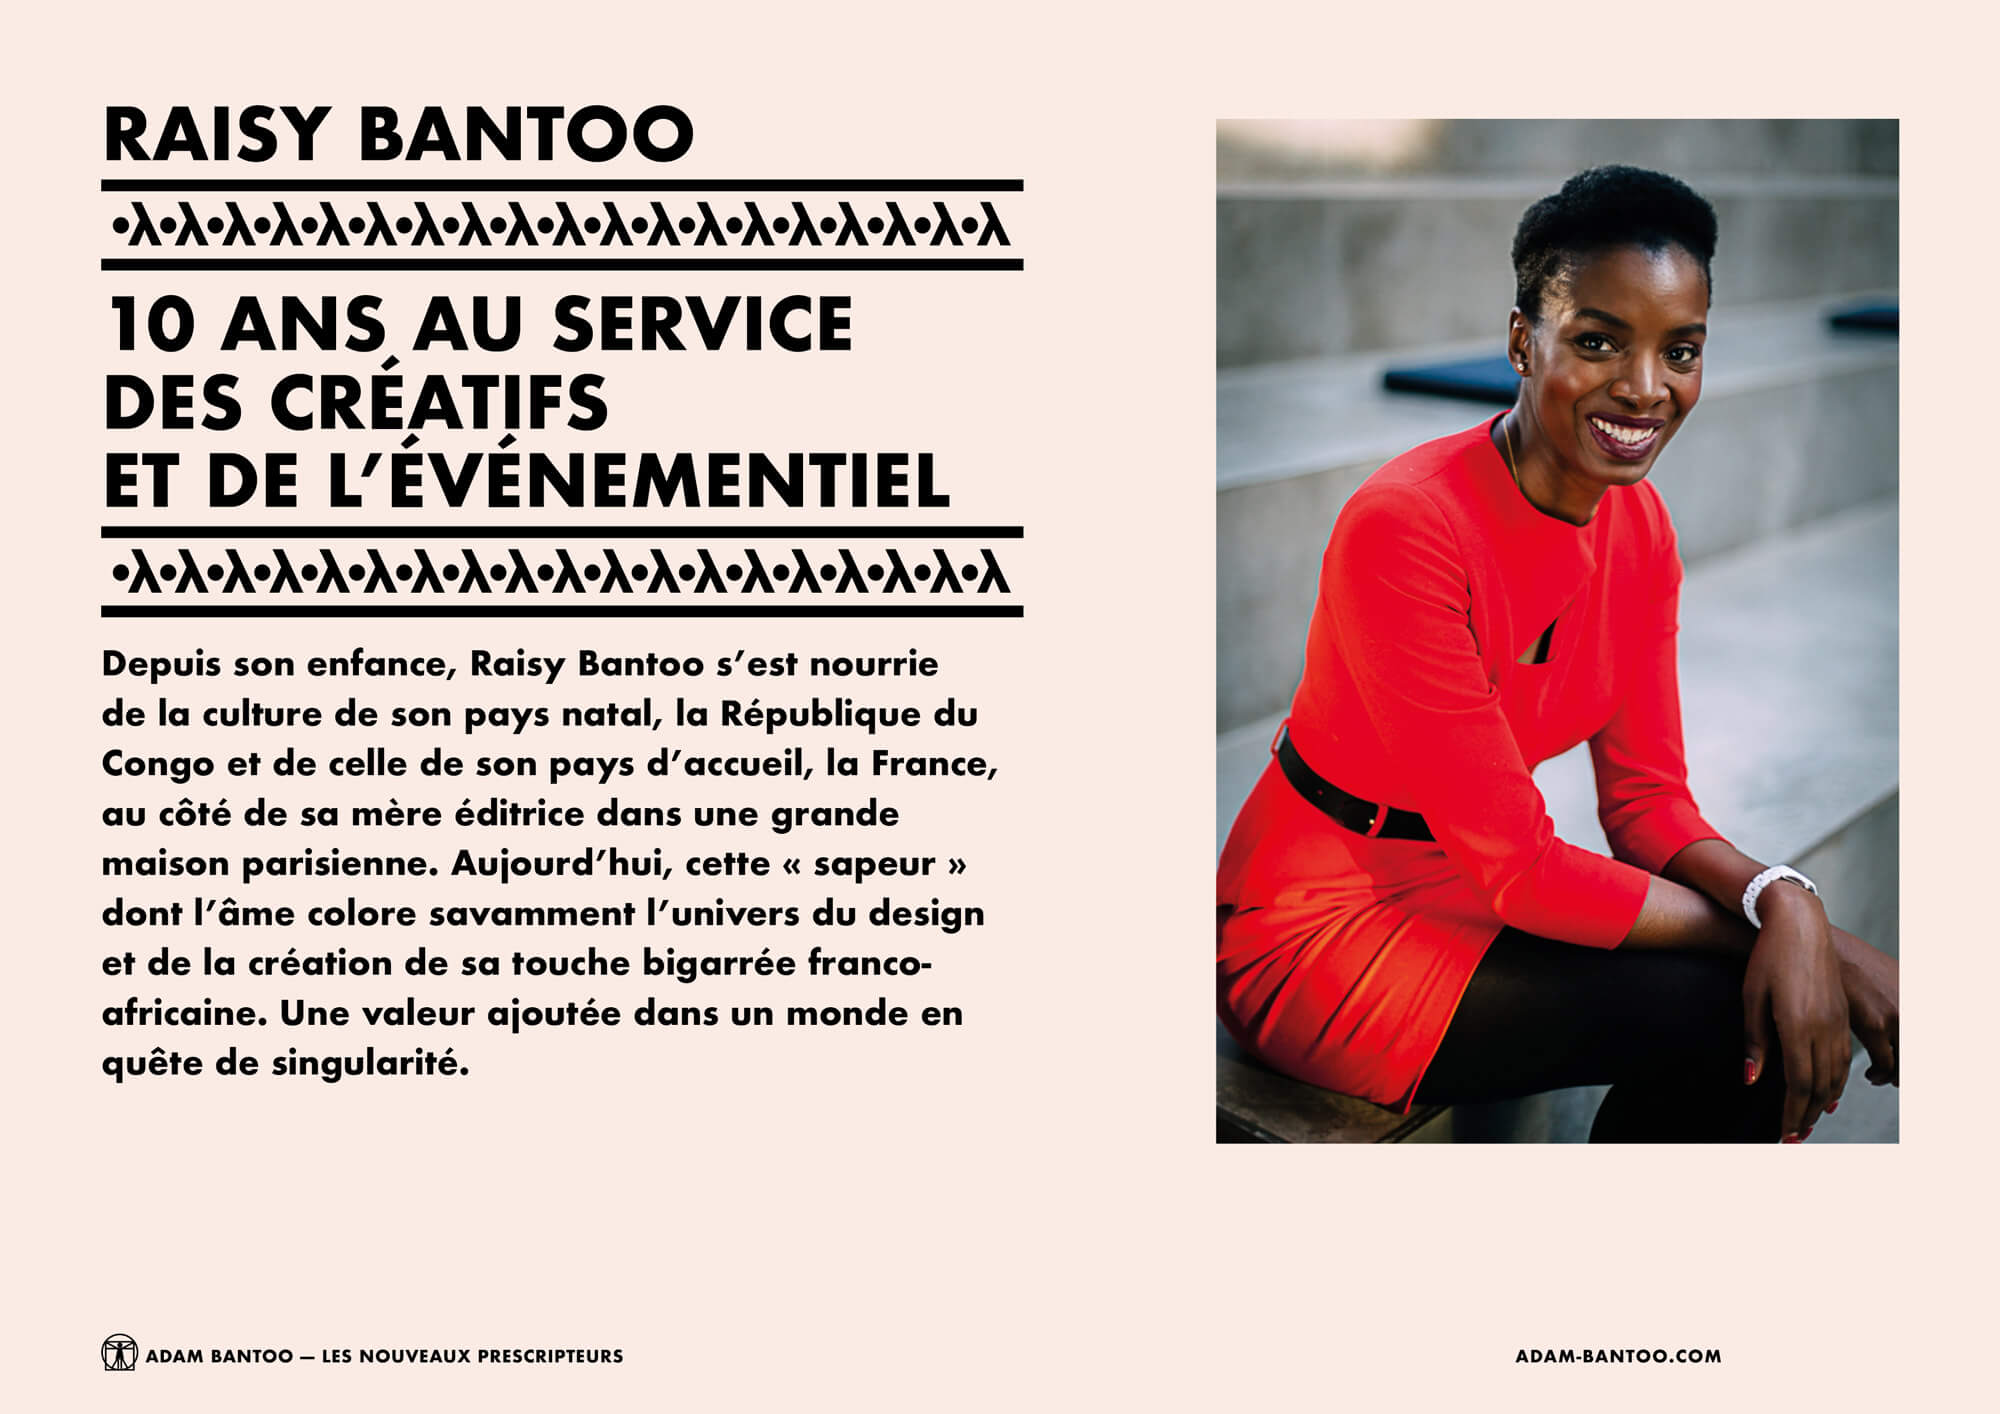 Présentation de Raisy Bantoo, co-fondatrice de l'agence Adam Bantoo, maquette et identité visuelle afro ascii IchetKar